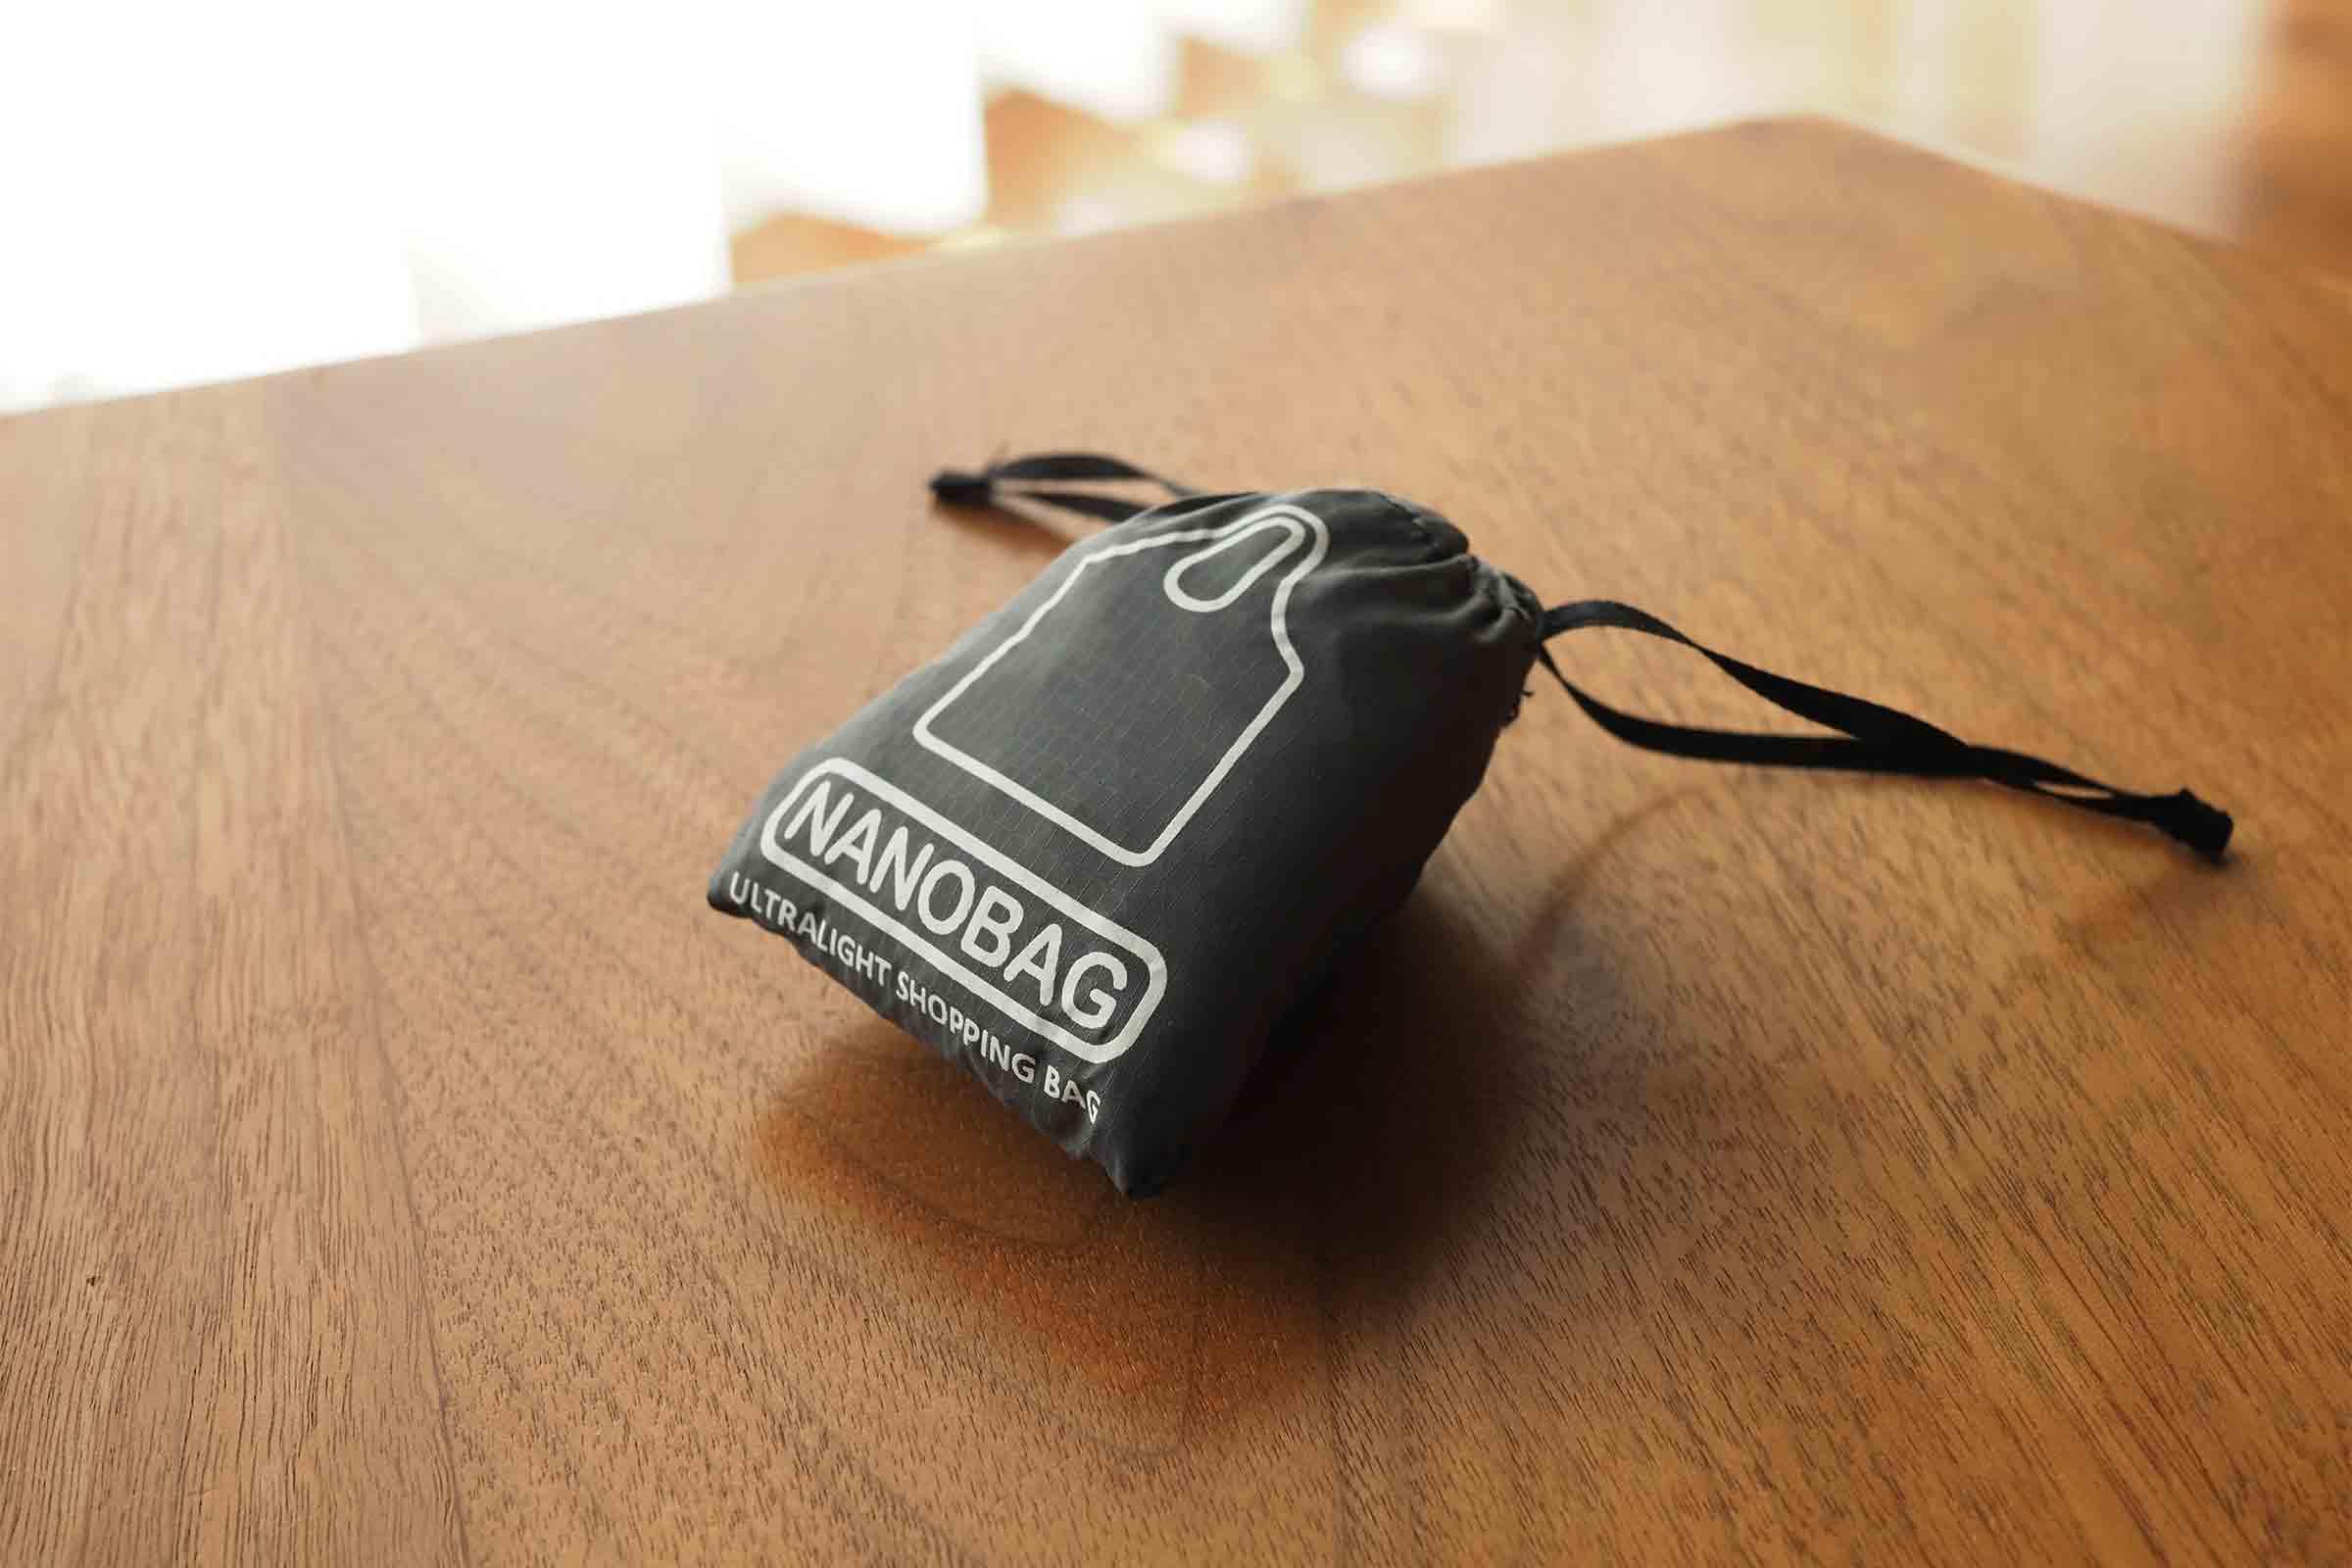 エコバッグ,nano bag,小さい,コンパクト,軽い,お洒落